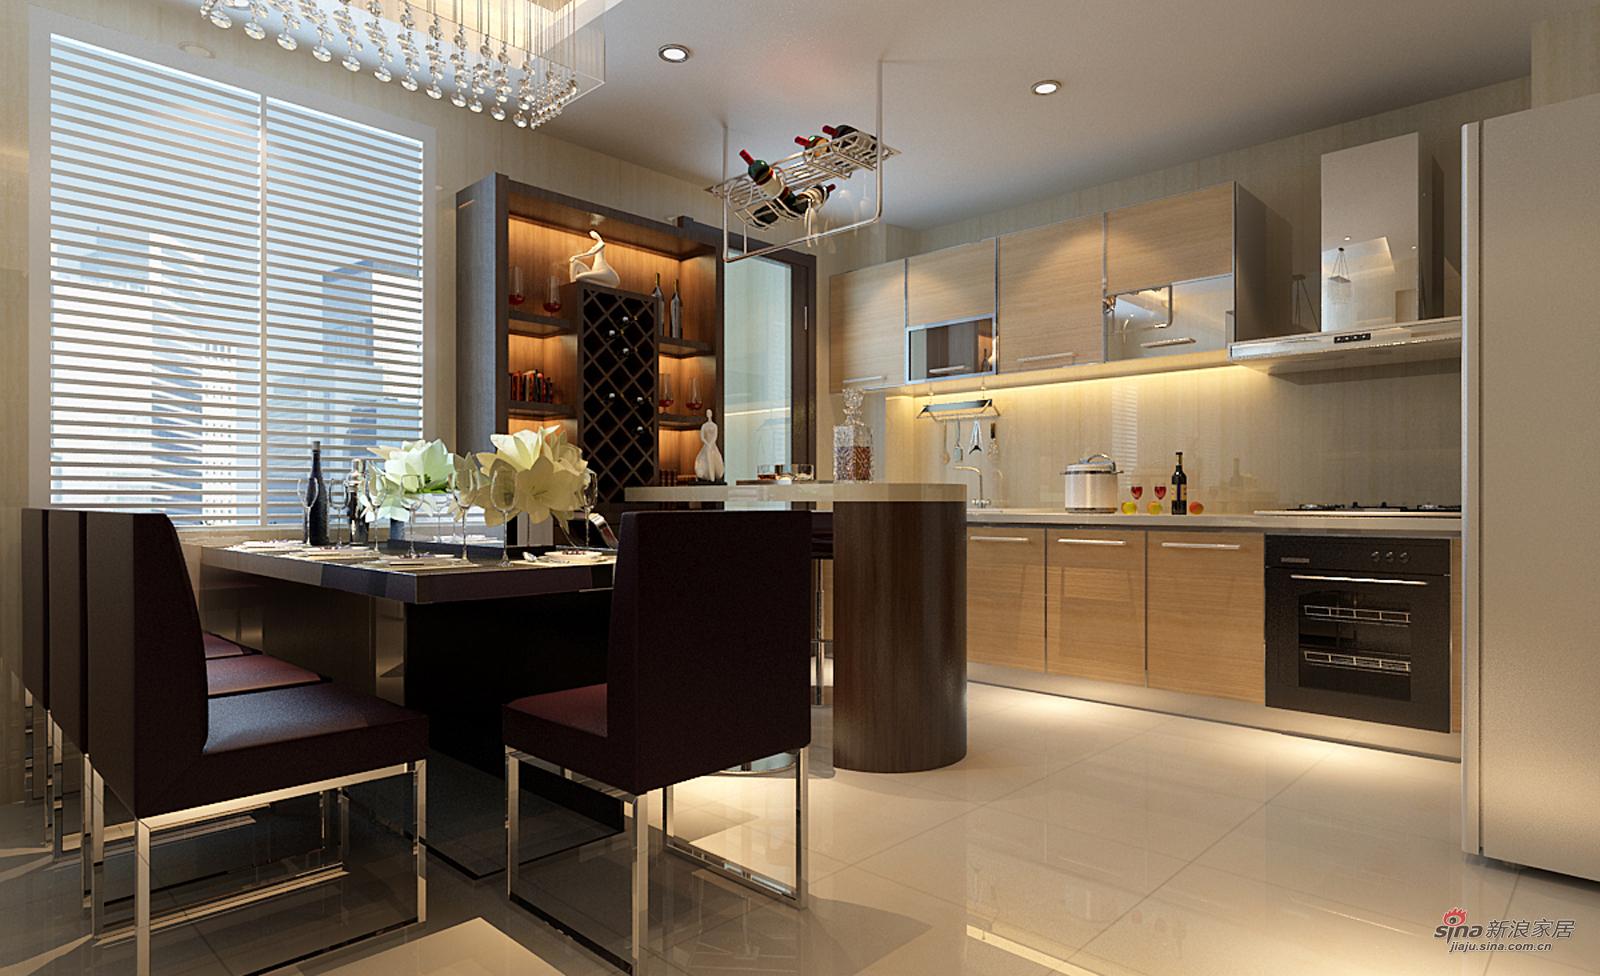 欧式 四居 厨房图片来自用户2745758987在我的专辑396919的分享